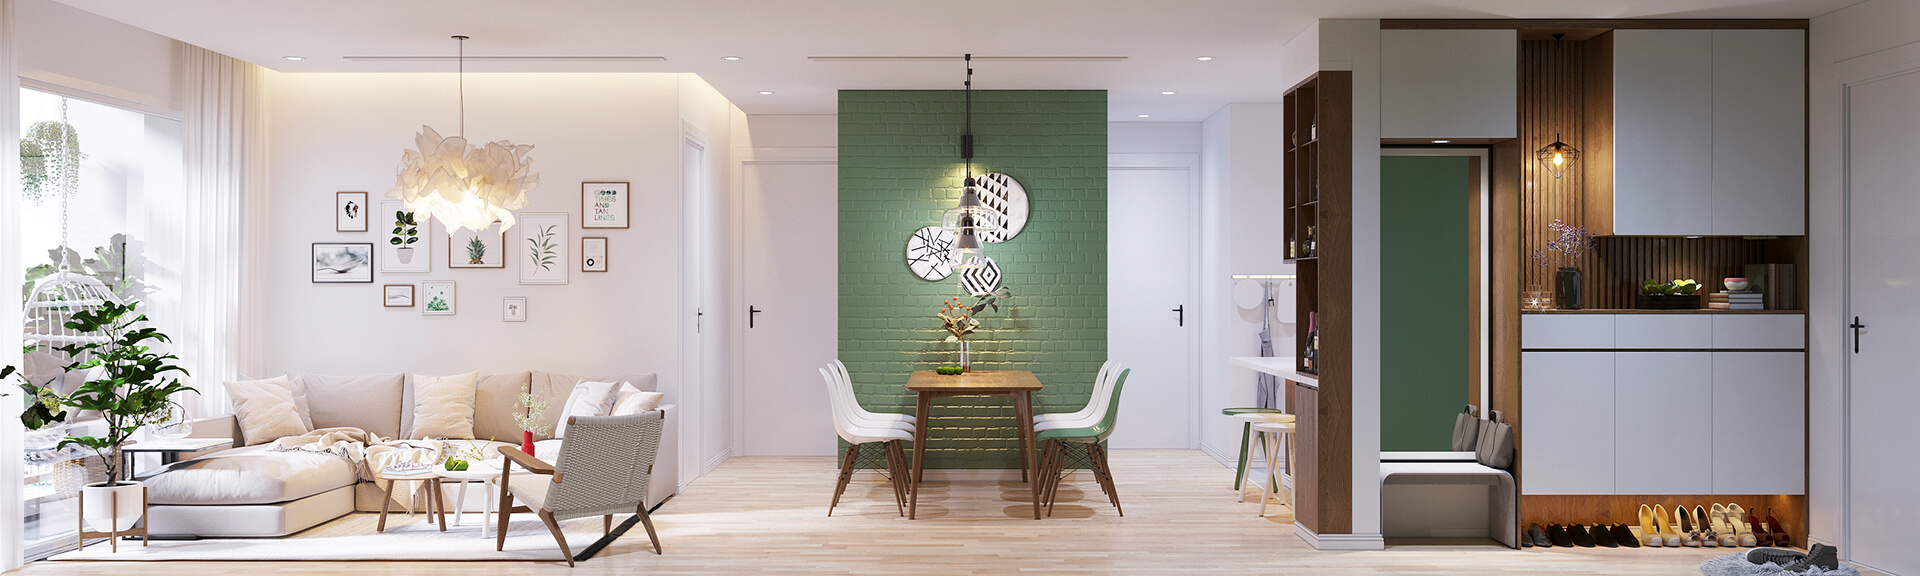 mẫu thiết kế nội thất chung cư scandinavia 2